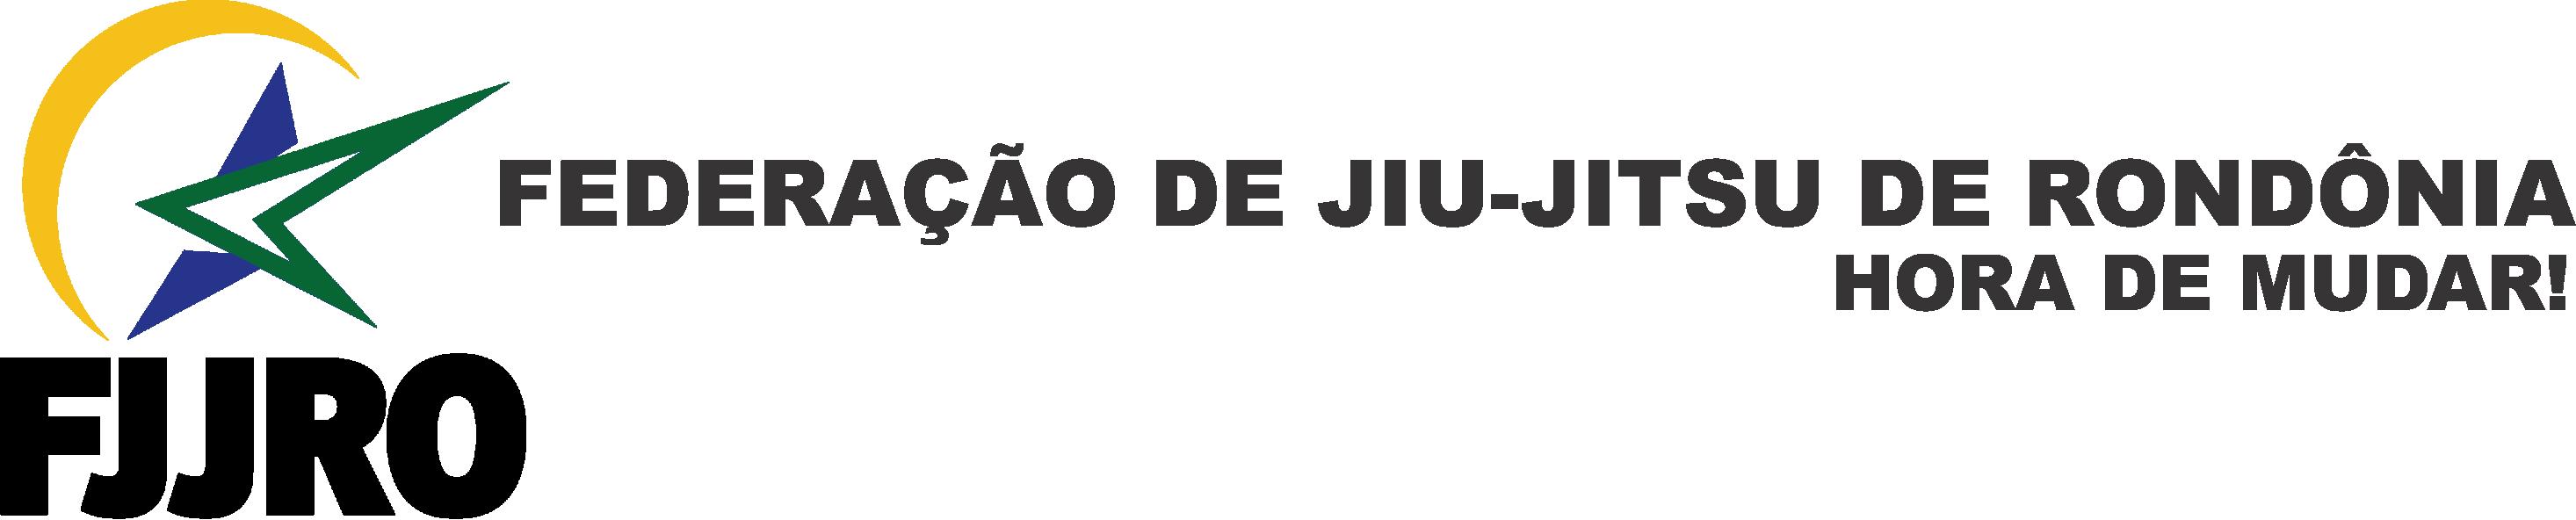 Federação de Jiu-Jitsu de Rondônia